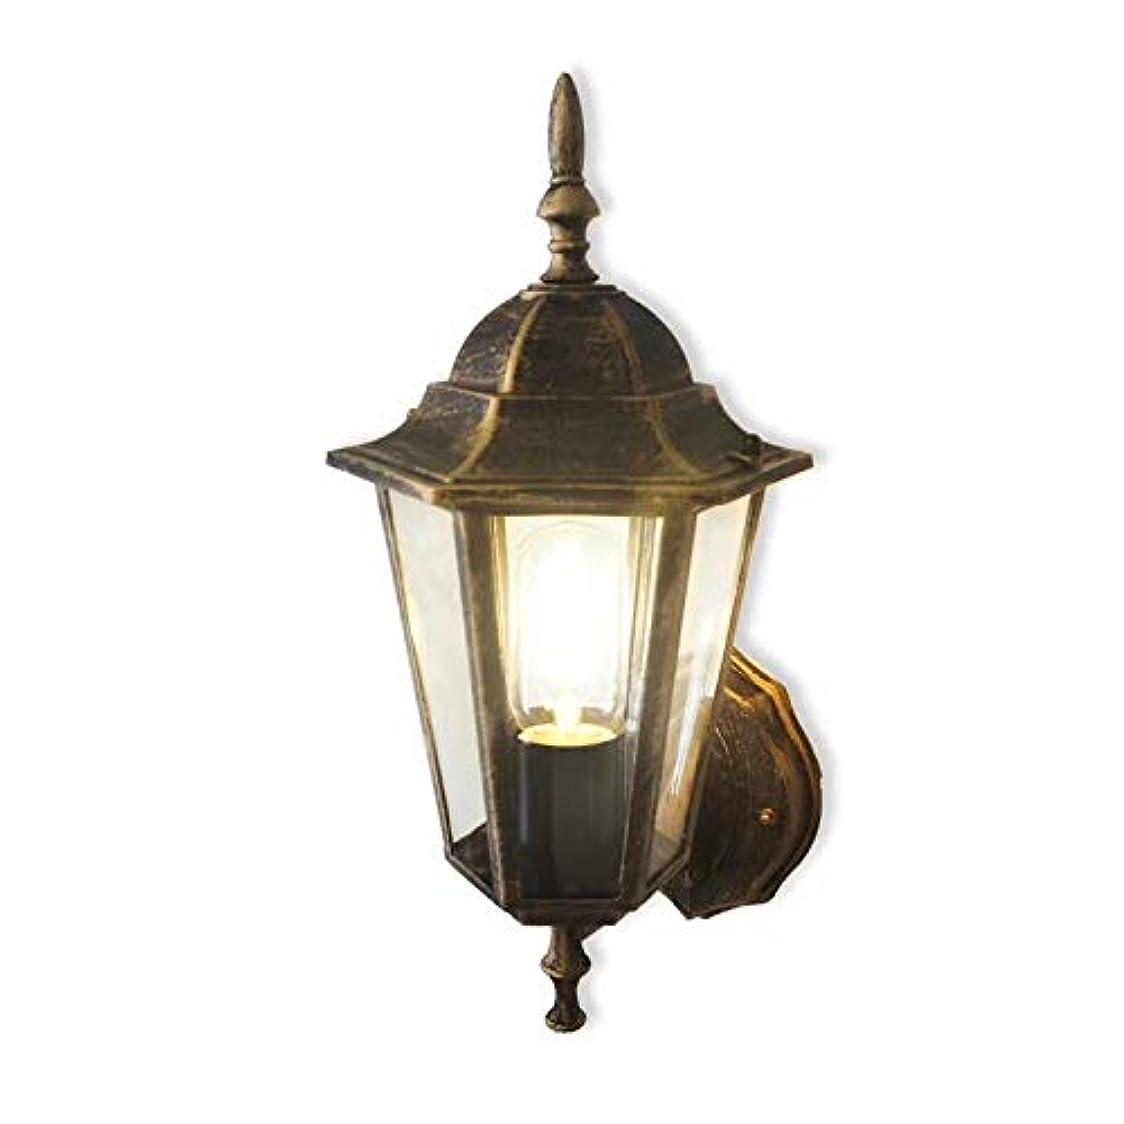 言うまでもなく王朝いらいらさせる千飾 ガーデンライト 照明 玄関照明 外灯 LED 激安ウォールライト ポーチライト ポーチライト 節電対応 ランプ 門灯 壁掛け照明 ラスティ